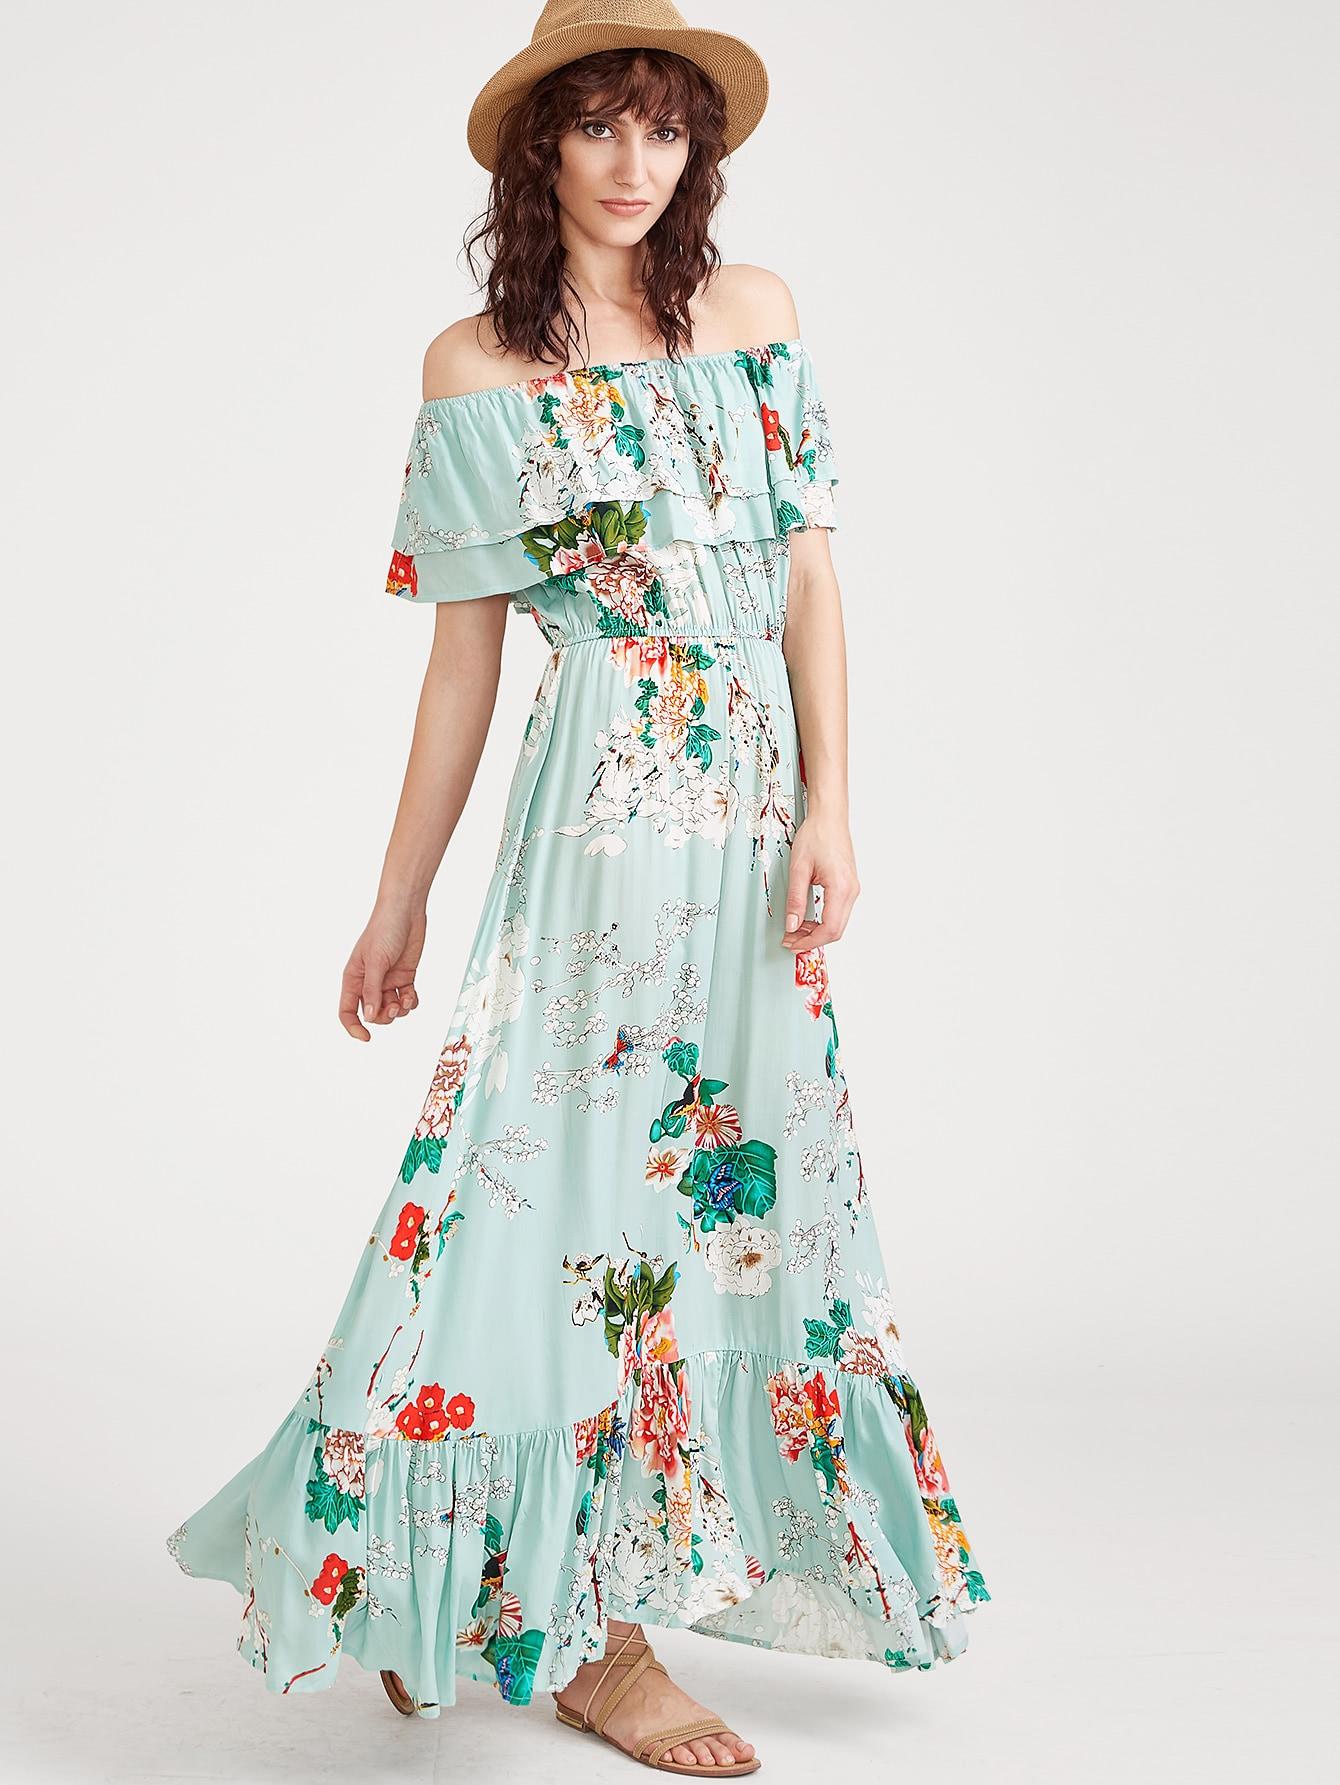 dress170301453_2